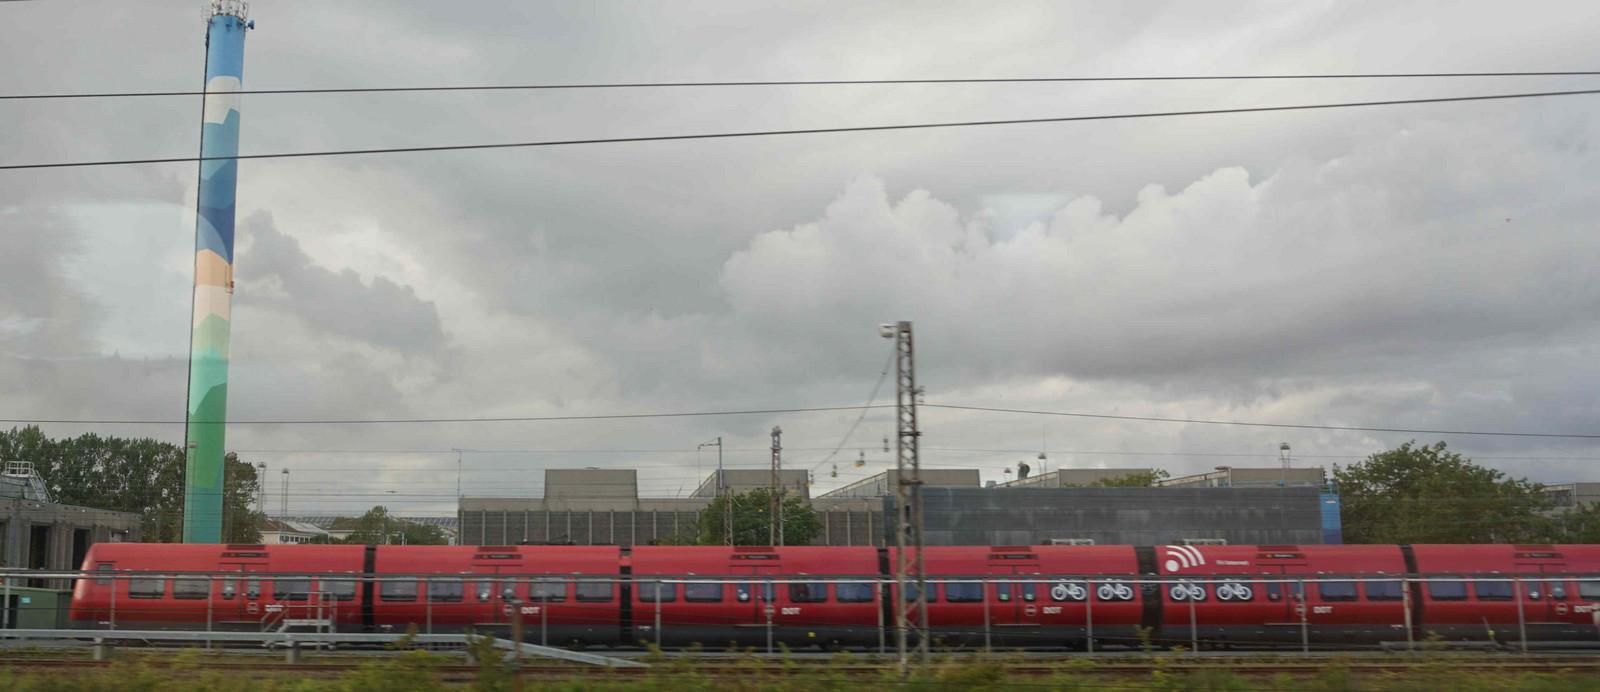 Dsc06535